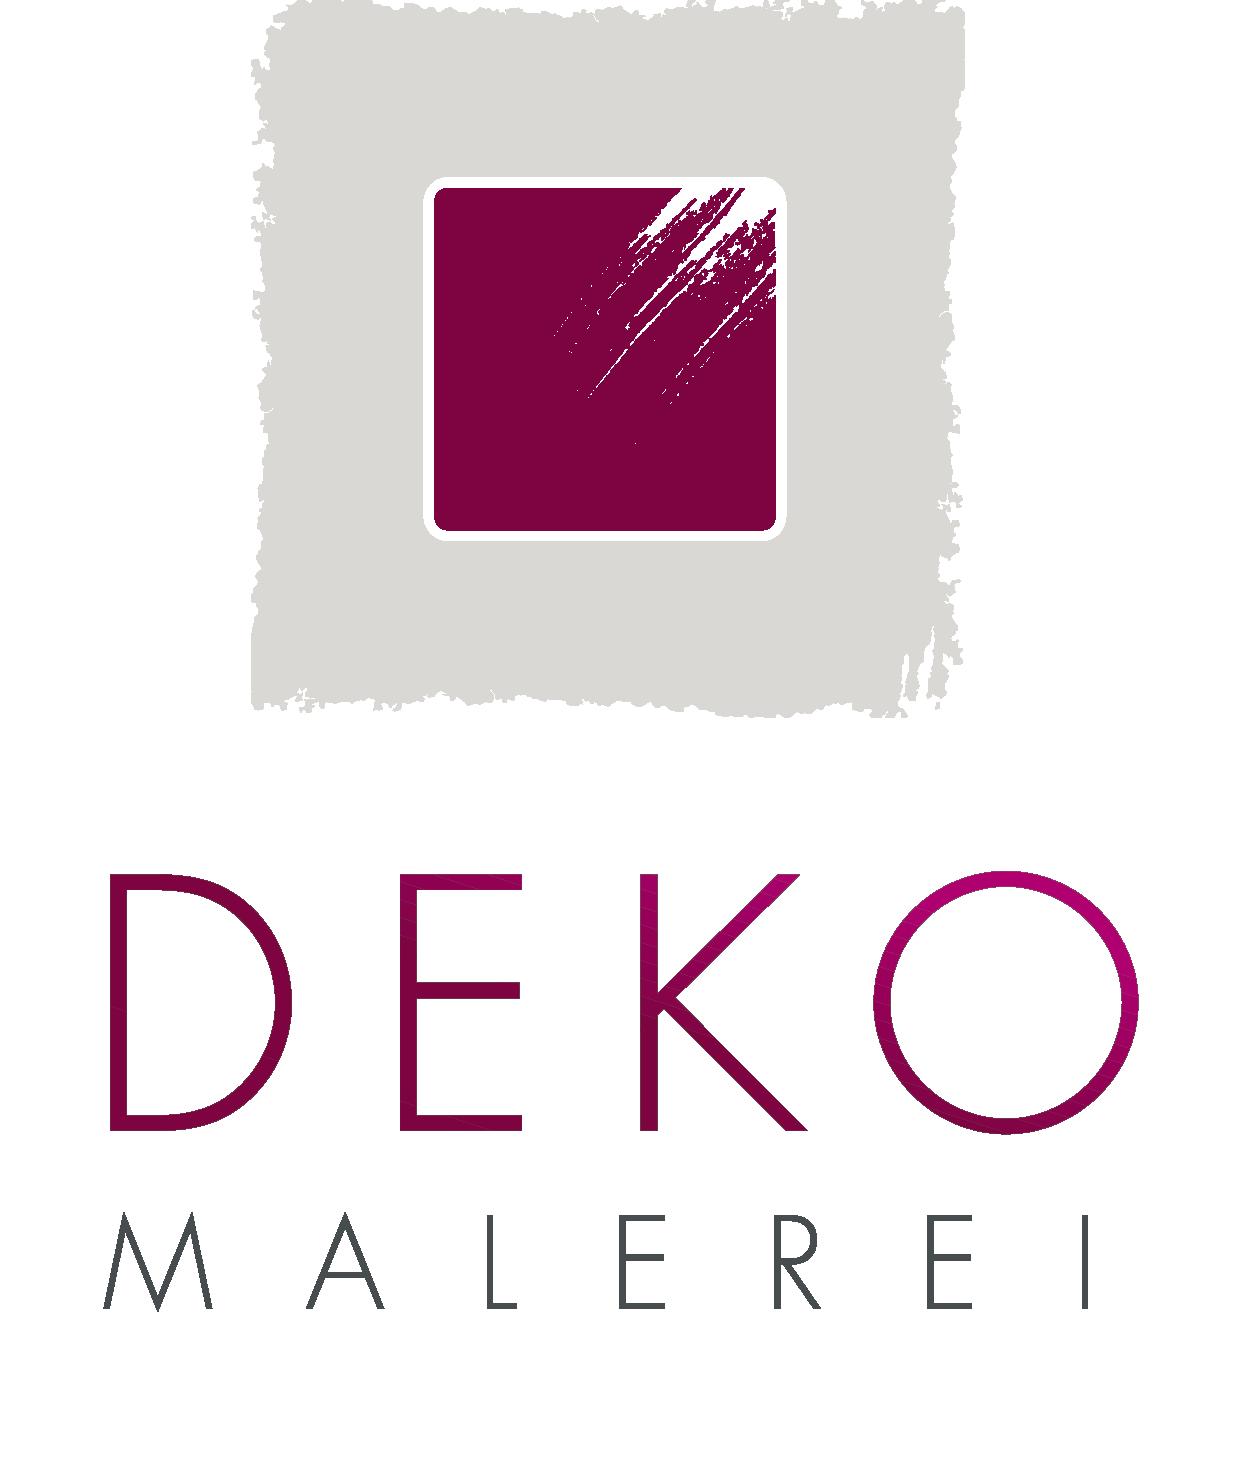 Deko Malerei